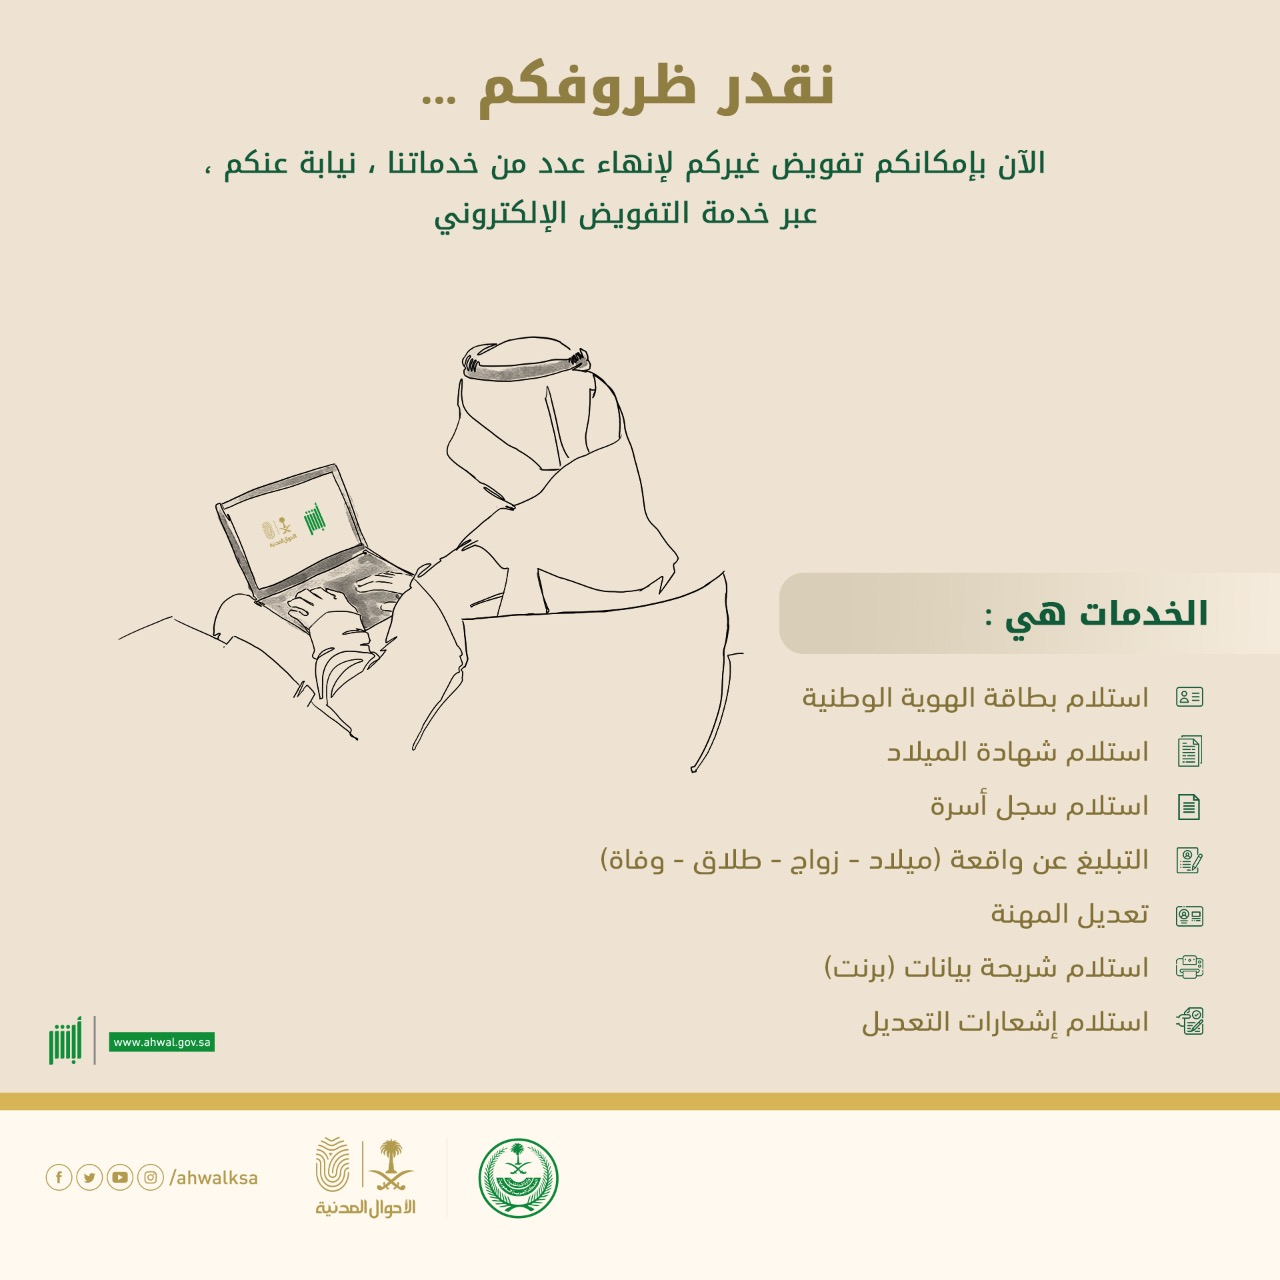 الأحوال المدنية Ar Twitter خدمة التفويض الإلكتروني تمكنك من تفويض مواطن آخر لإنهاء اجراءاتك نيابة عنك عبر أبشر الأحوال المدنية